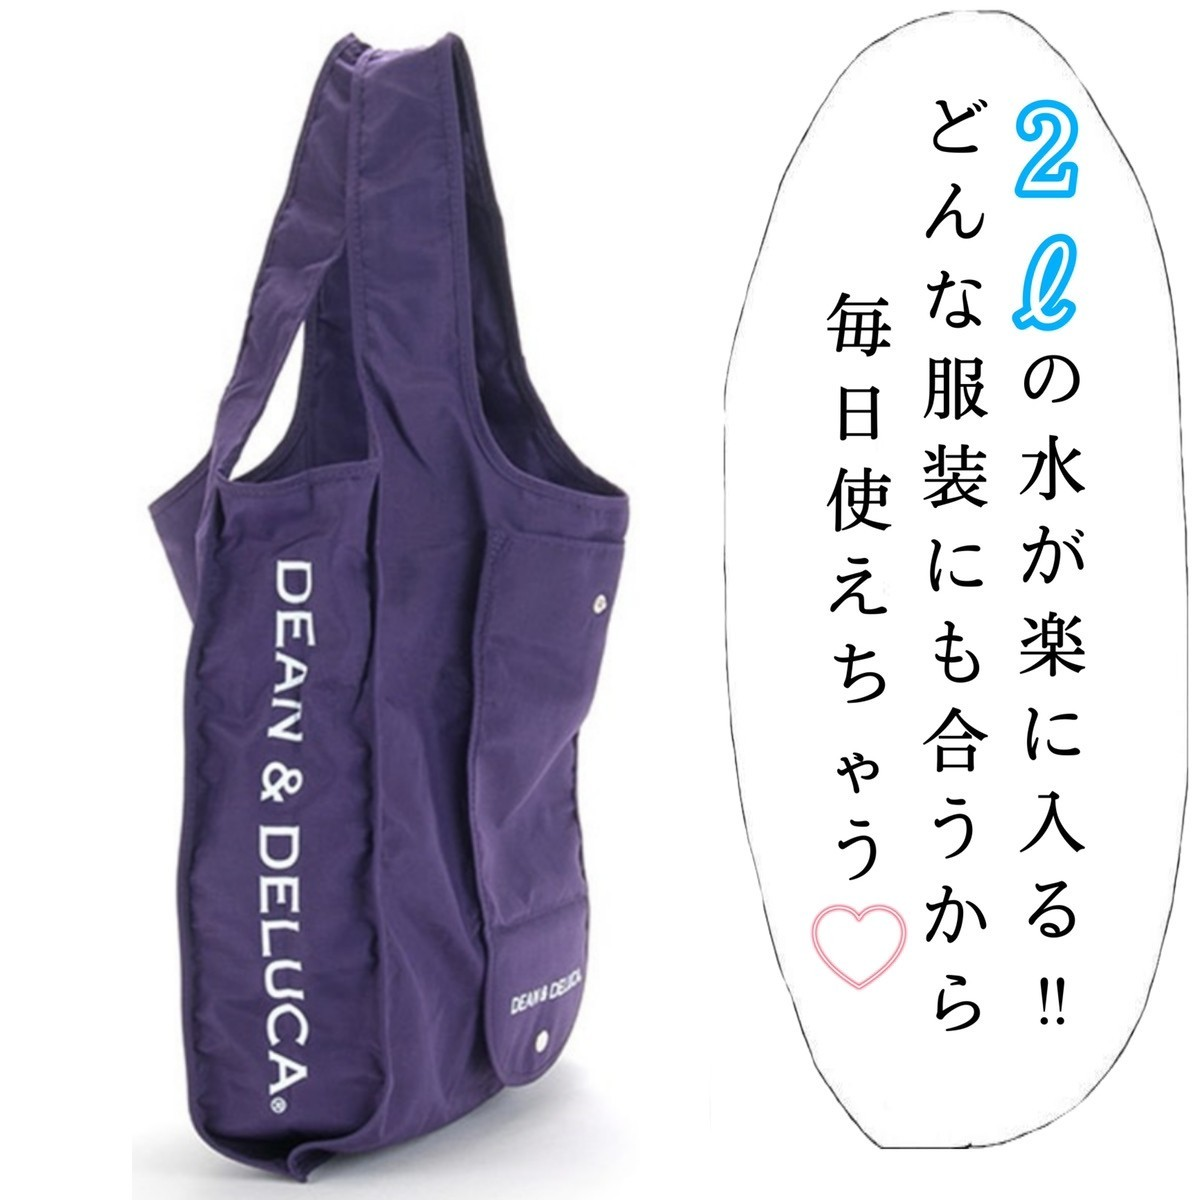 ★京都限定★ DEAN & DELUCA  エコバッグ  紫